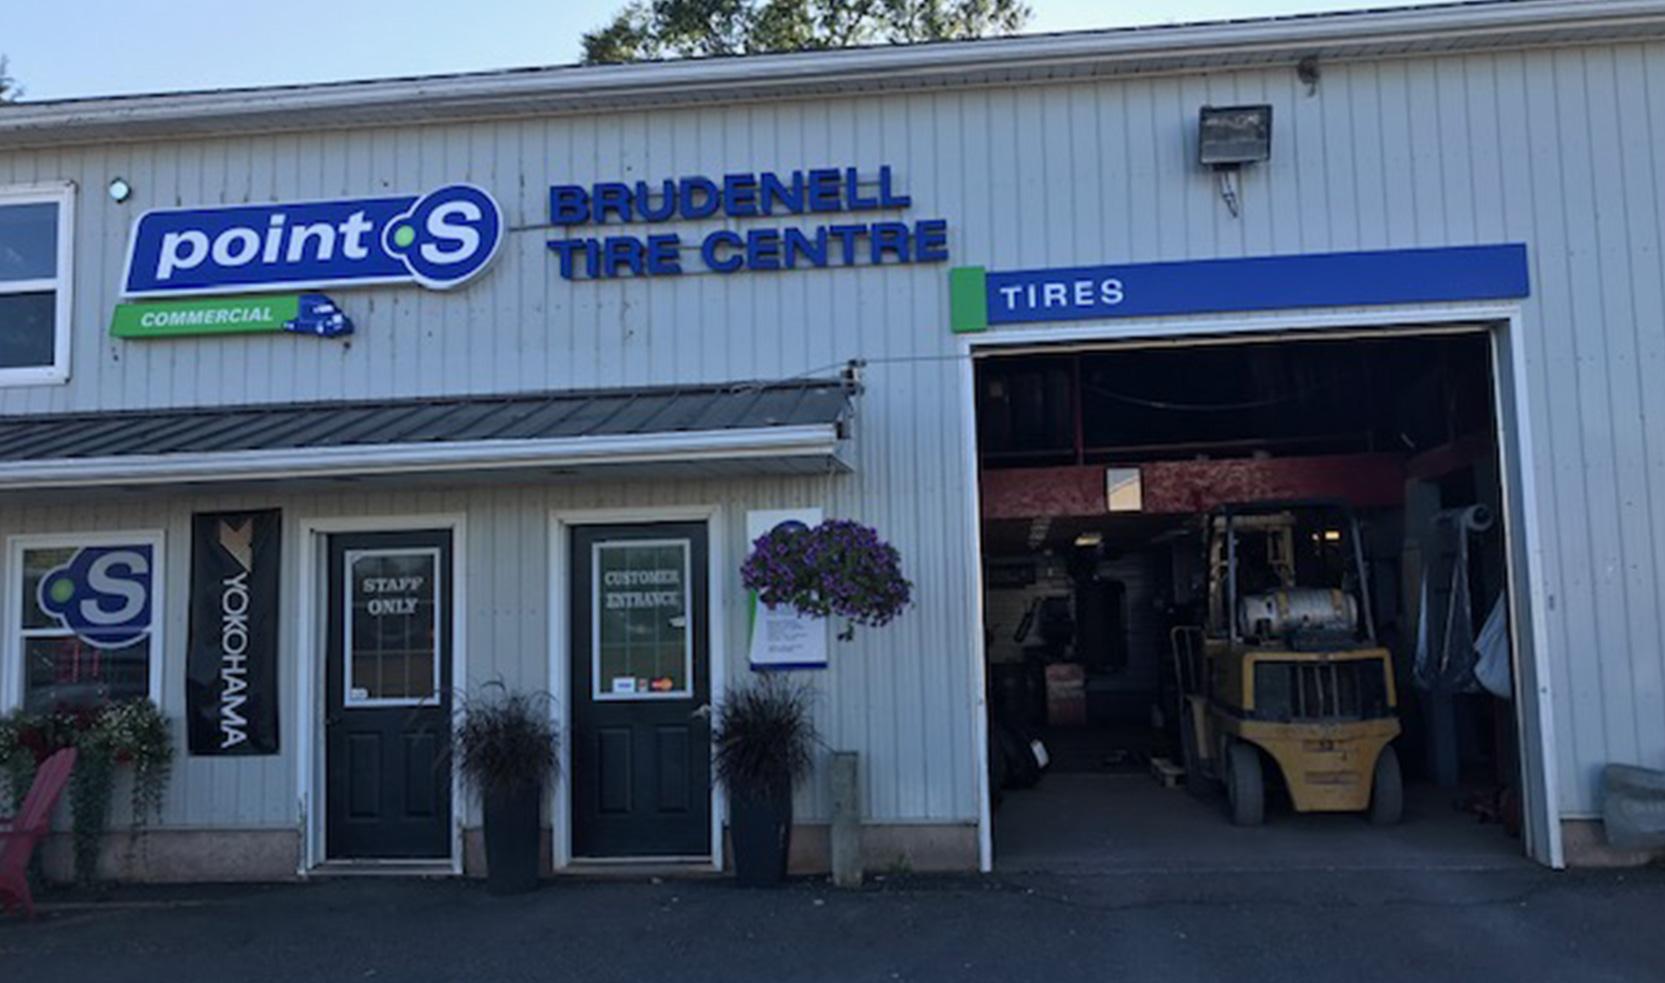 Brudenell Tire Centre